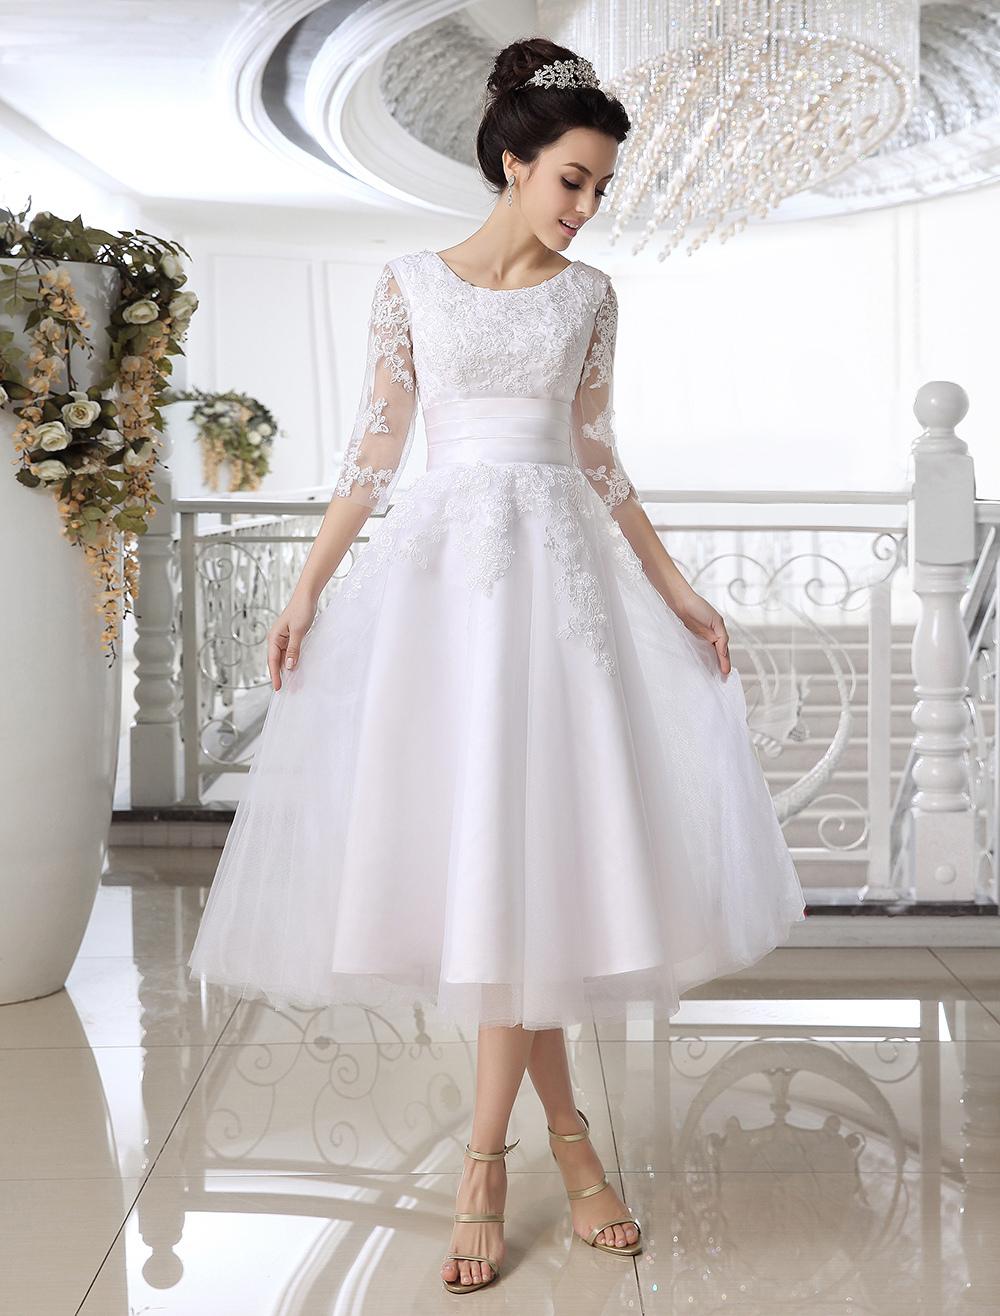 d4f300265c1d White wedding dresses 2019 short lace Applique illusion half sleeve ...